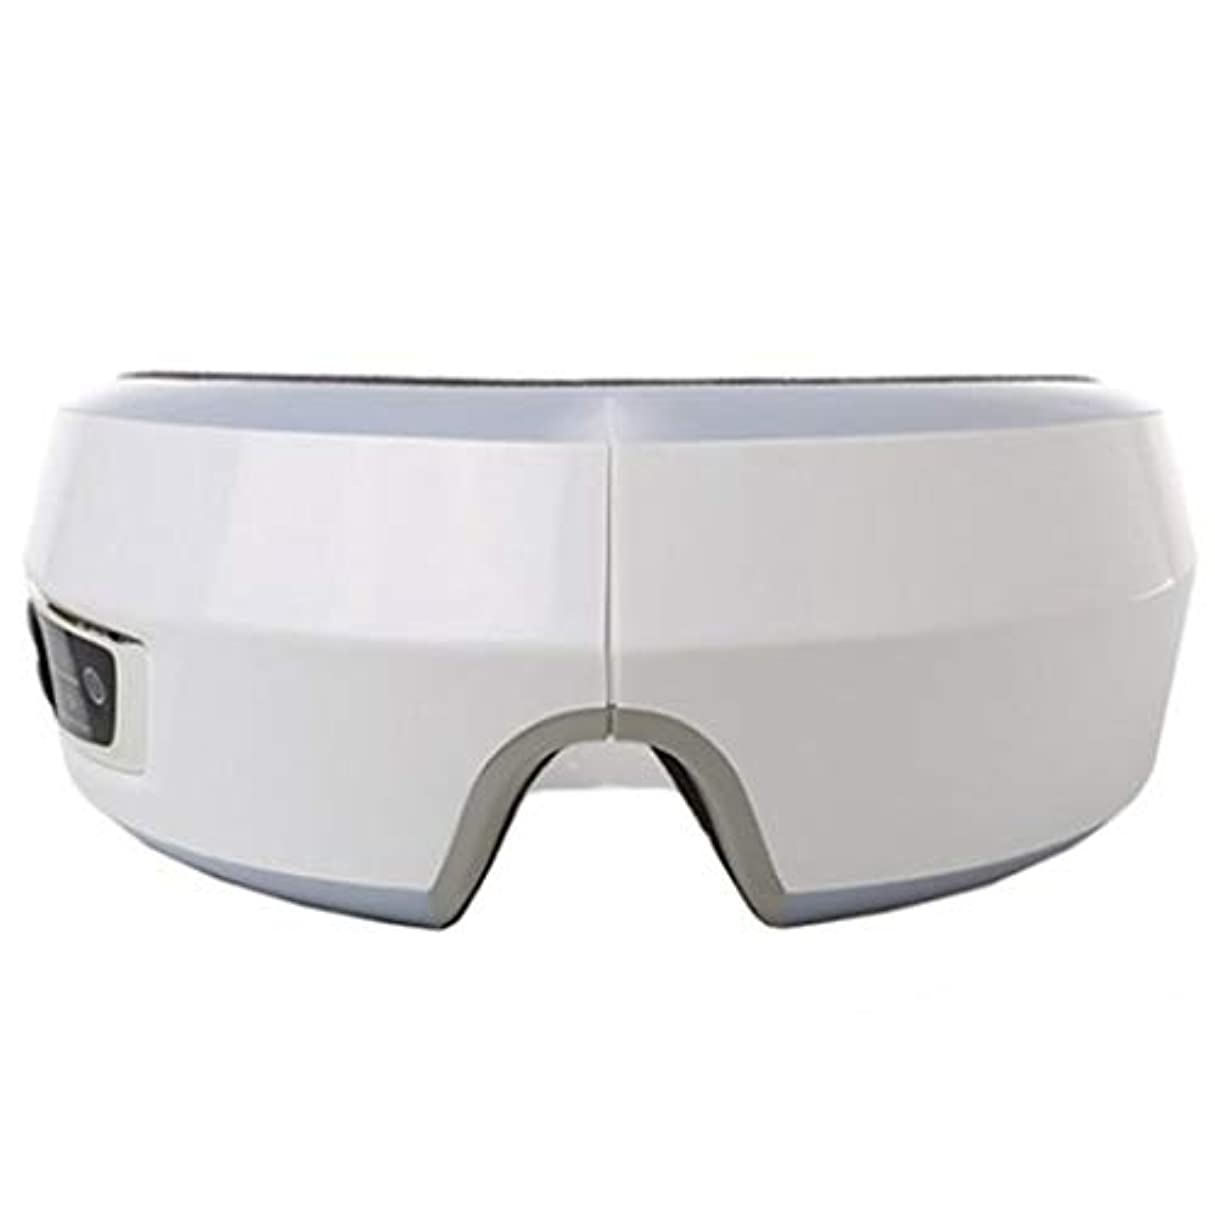 百科事典キュービック洪水ZESPAアイヒーリングソリューションアイマッサージャー振動加熱マッサージ音楽機能ZP441 ZESPA Eye Healing Solution Eye Massager Vibration Heating Massage...